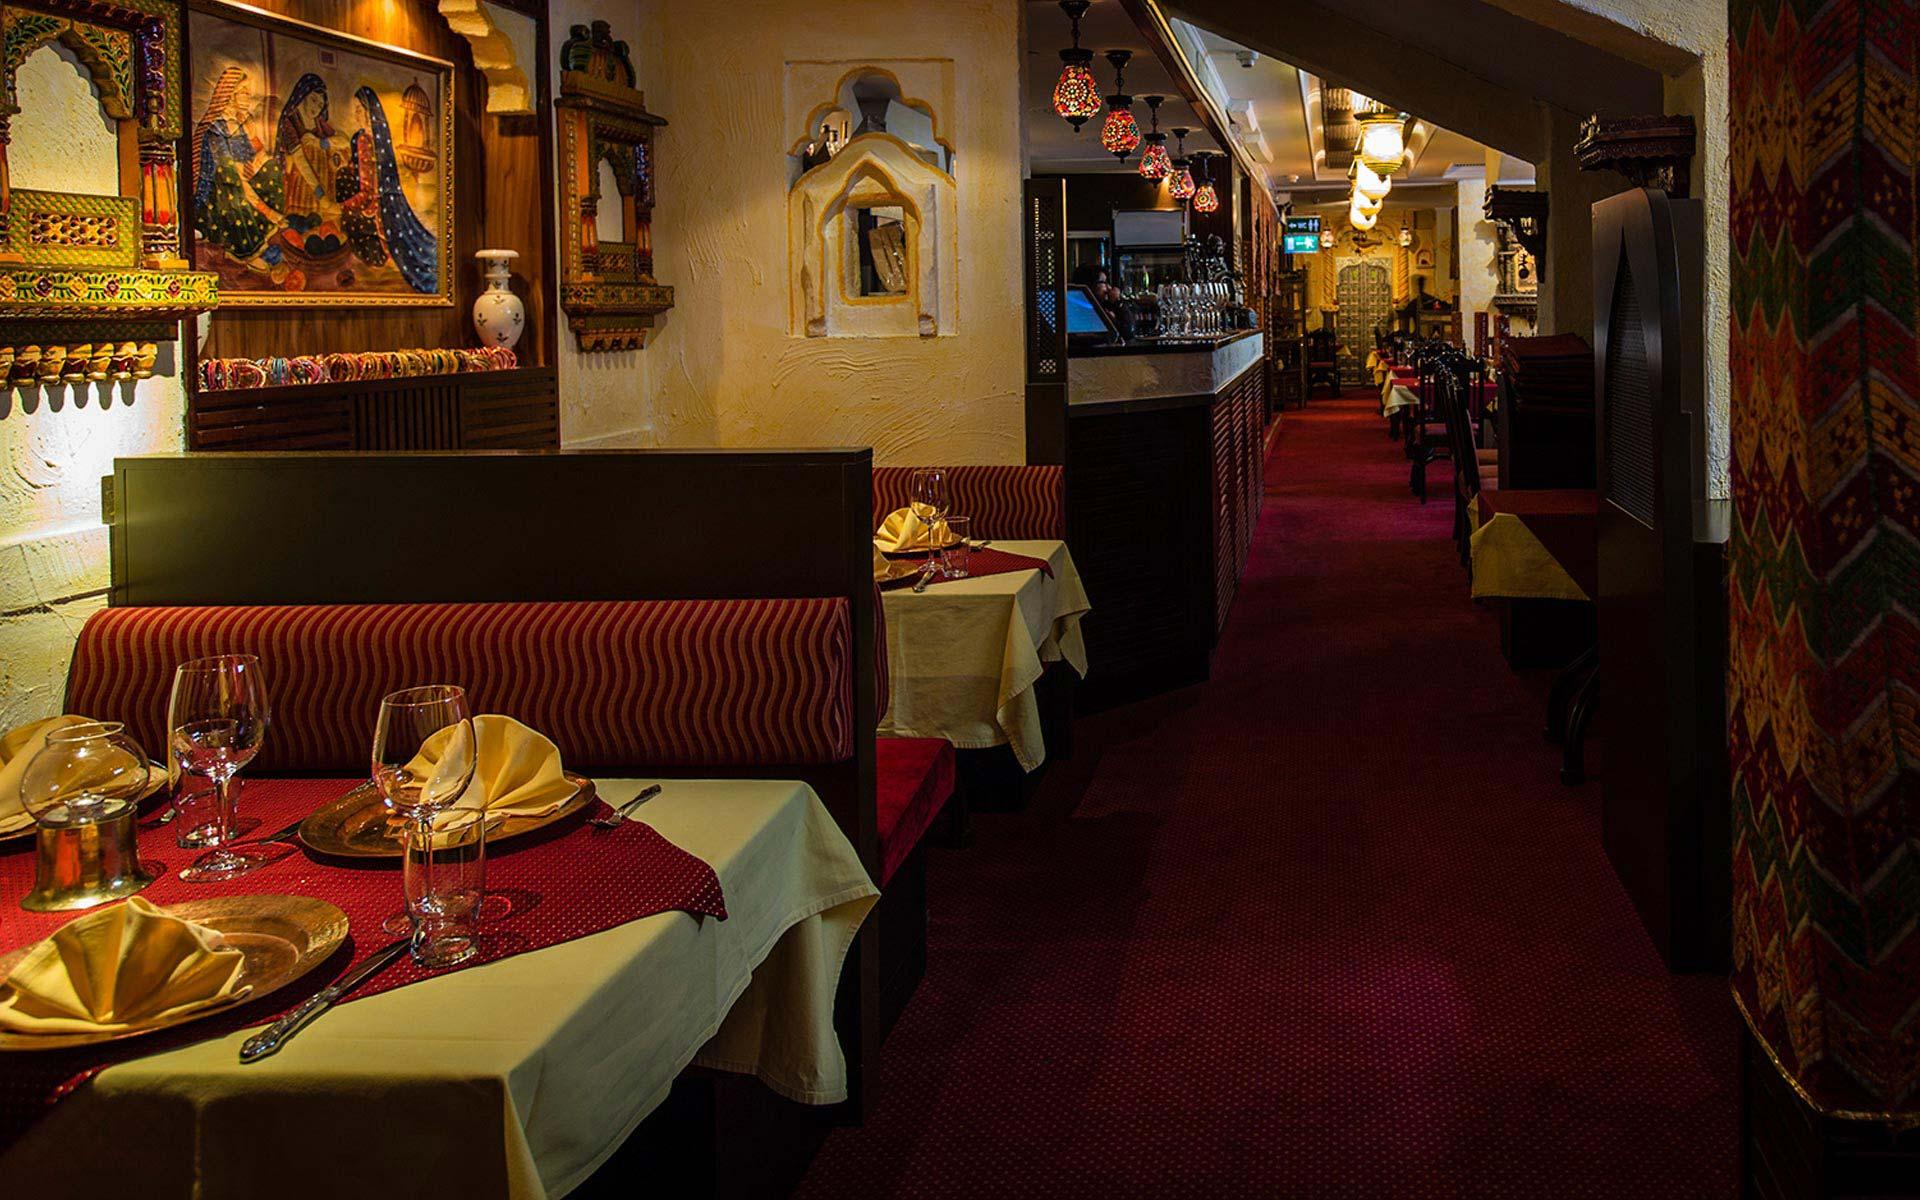 koselig restaurant oslo dating online free